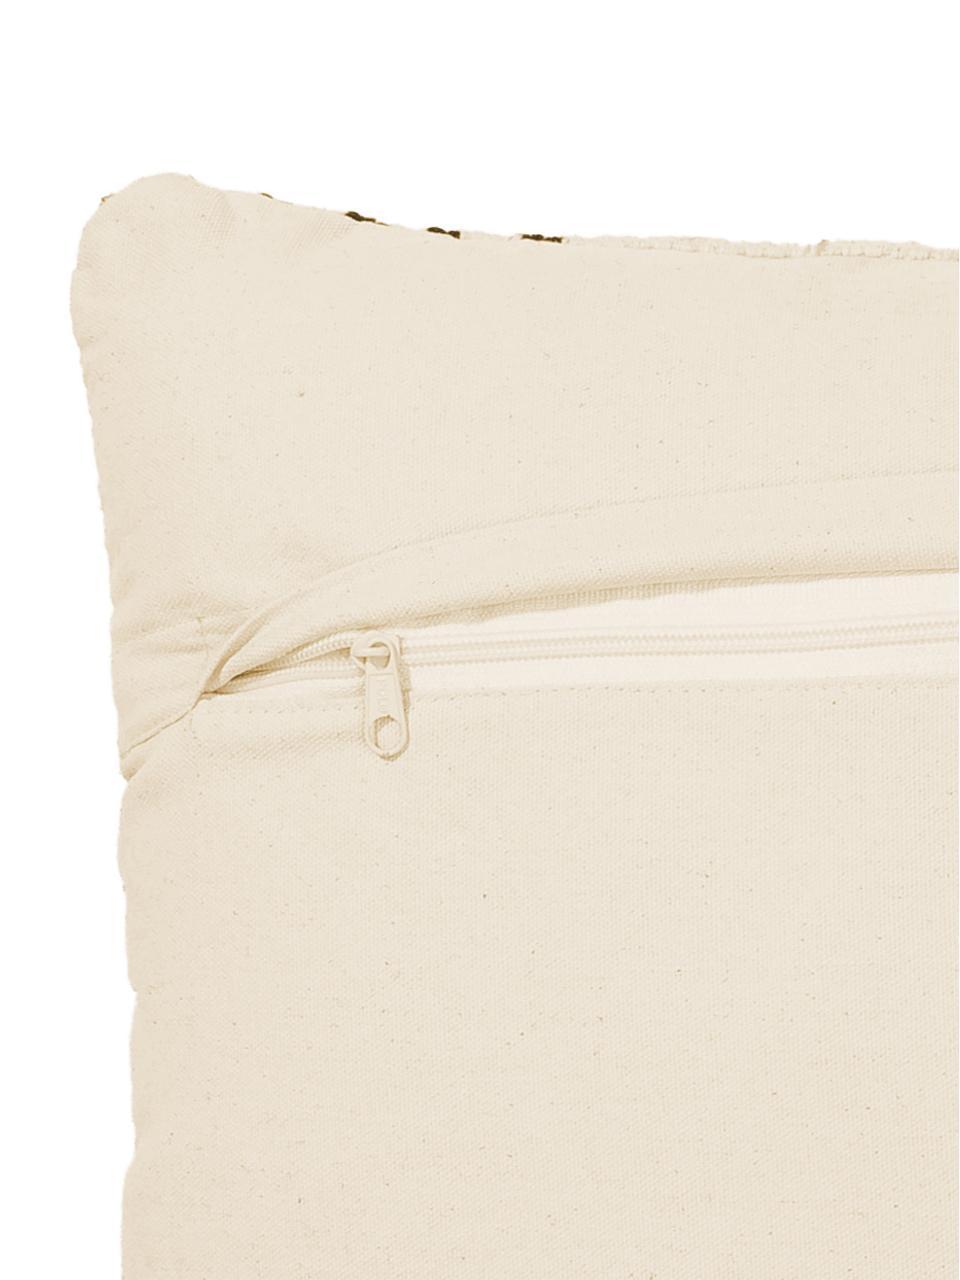 Kissen Loa, mit Inlett, 100% Baumwolle, Cremefarben, Schwarz, 40 x 60 cm